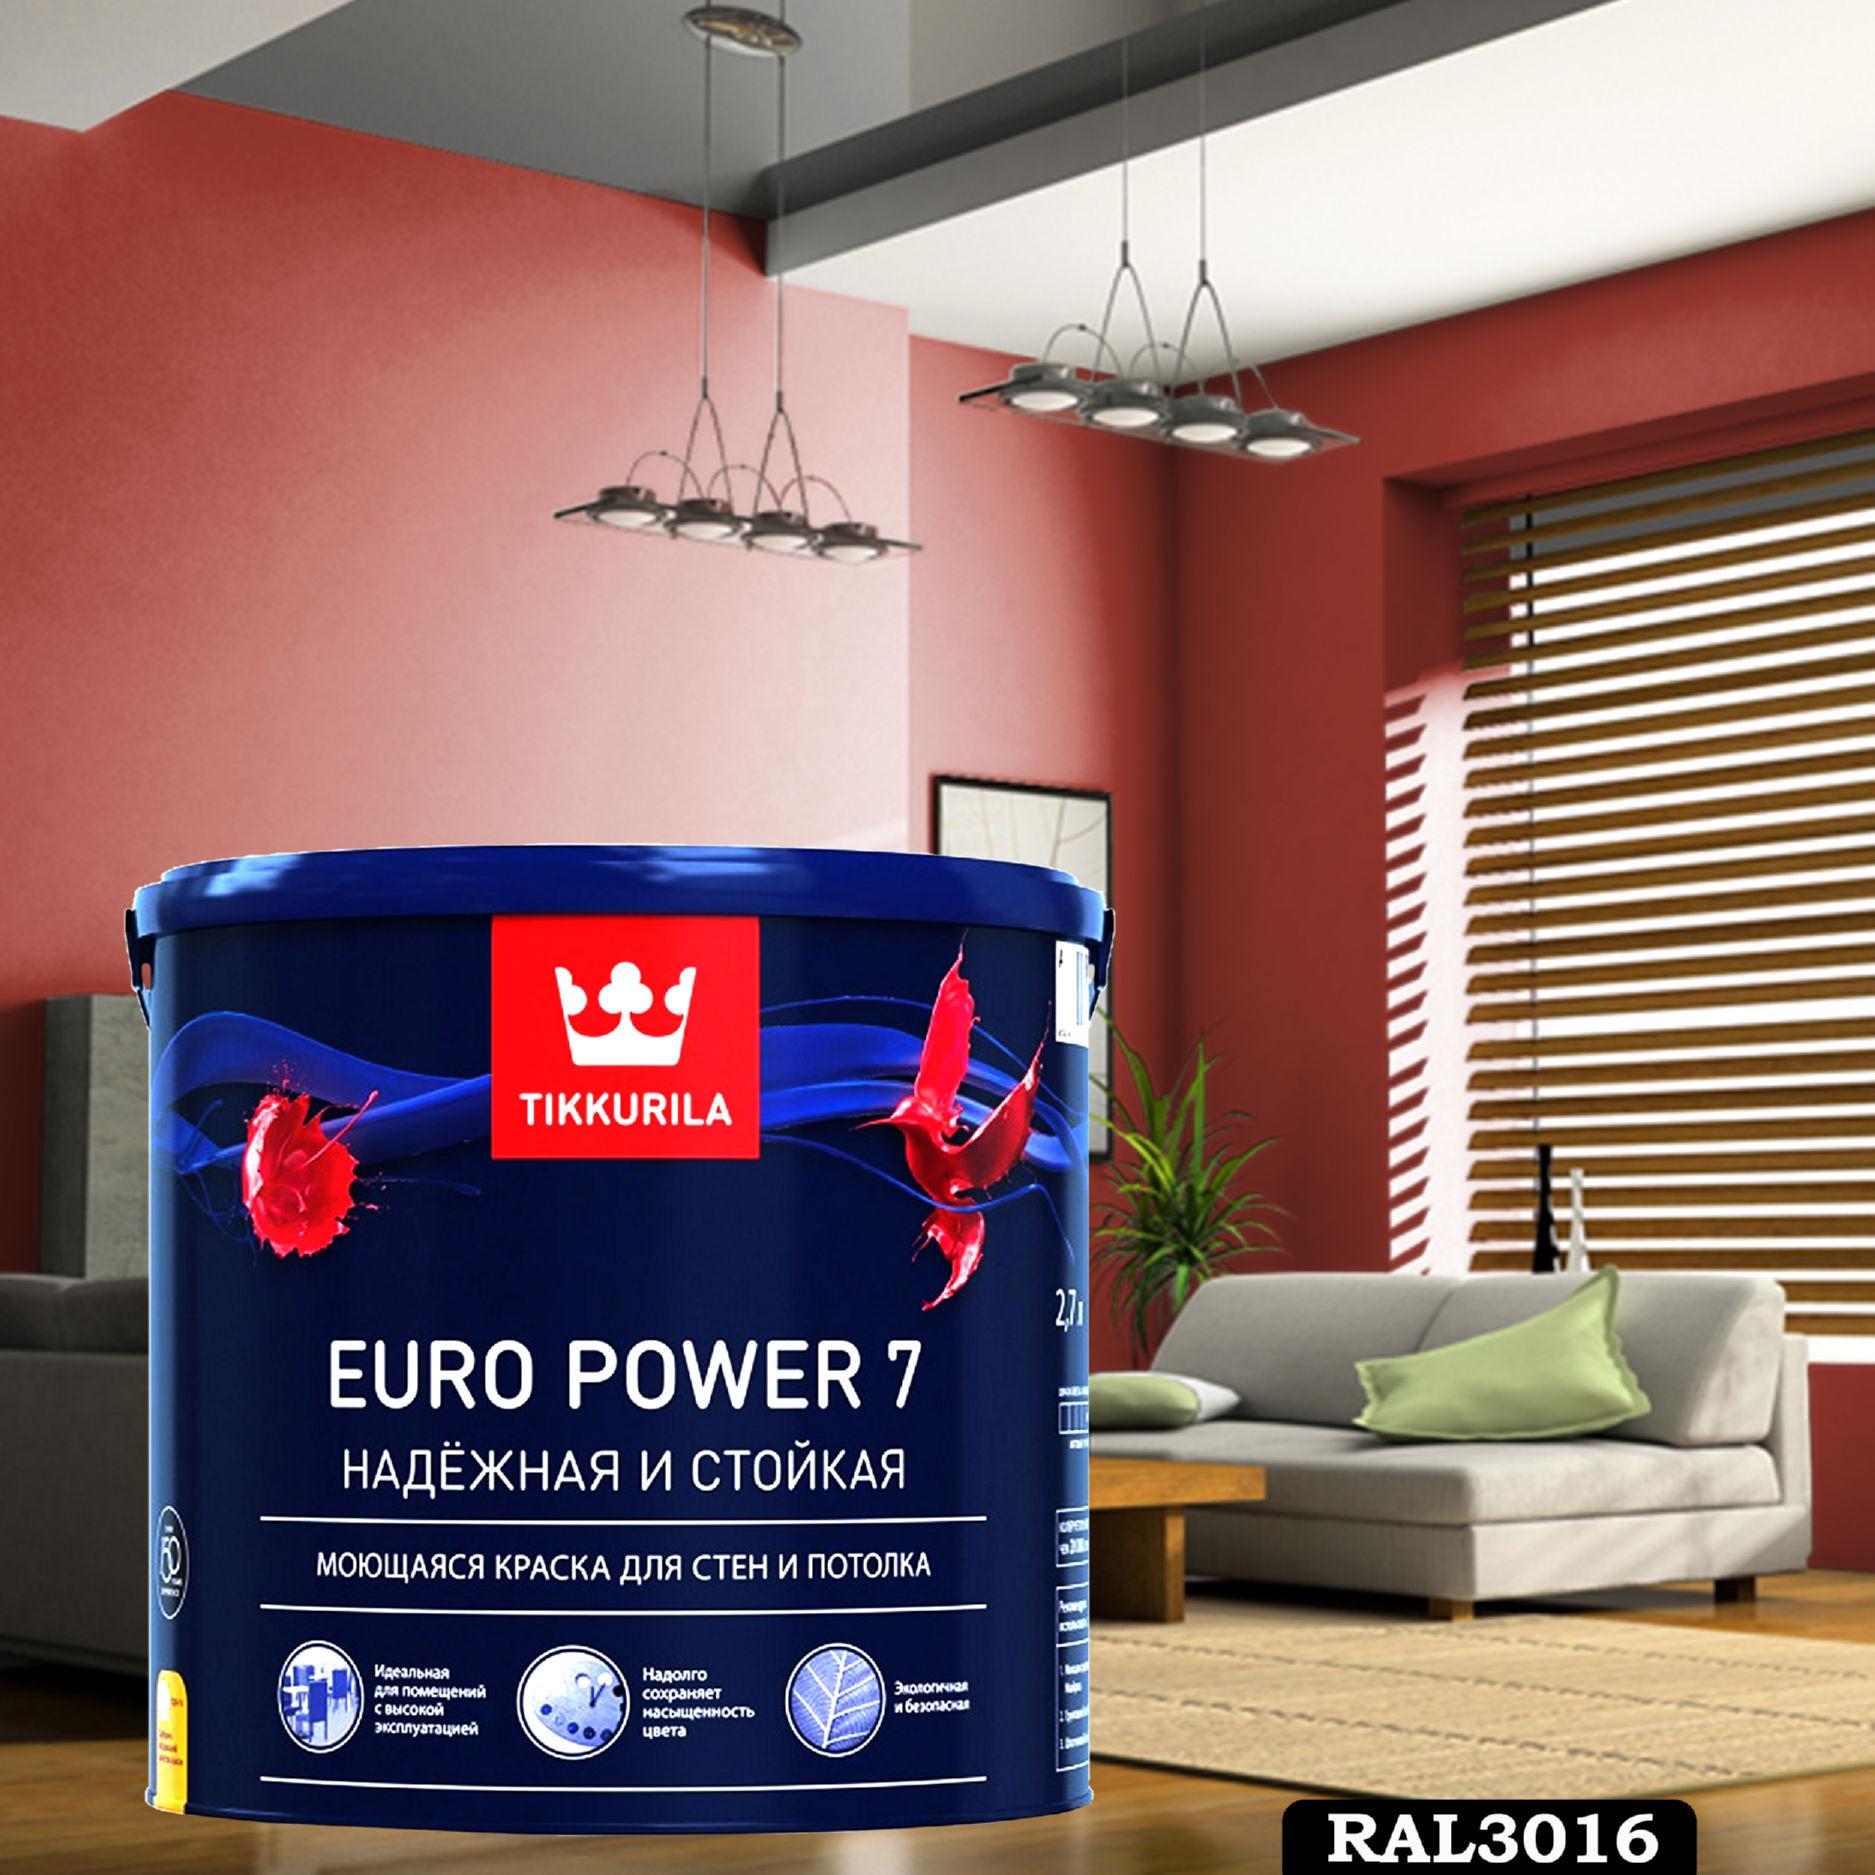 Фото 14 - Краска TIKKURILA Euro Power 7,  RAL 3016 Кораллово-красный, латексная моющаяся матовая интерьерная, 9 л.